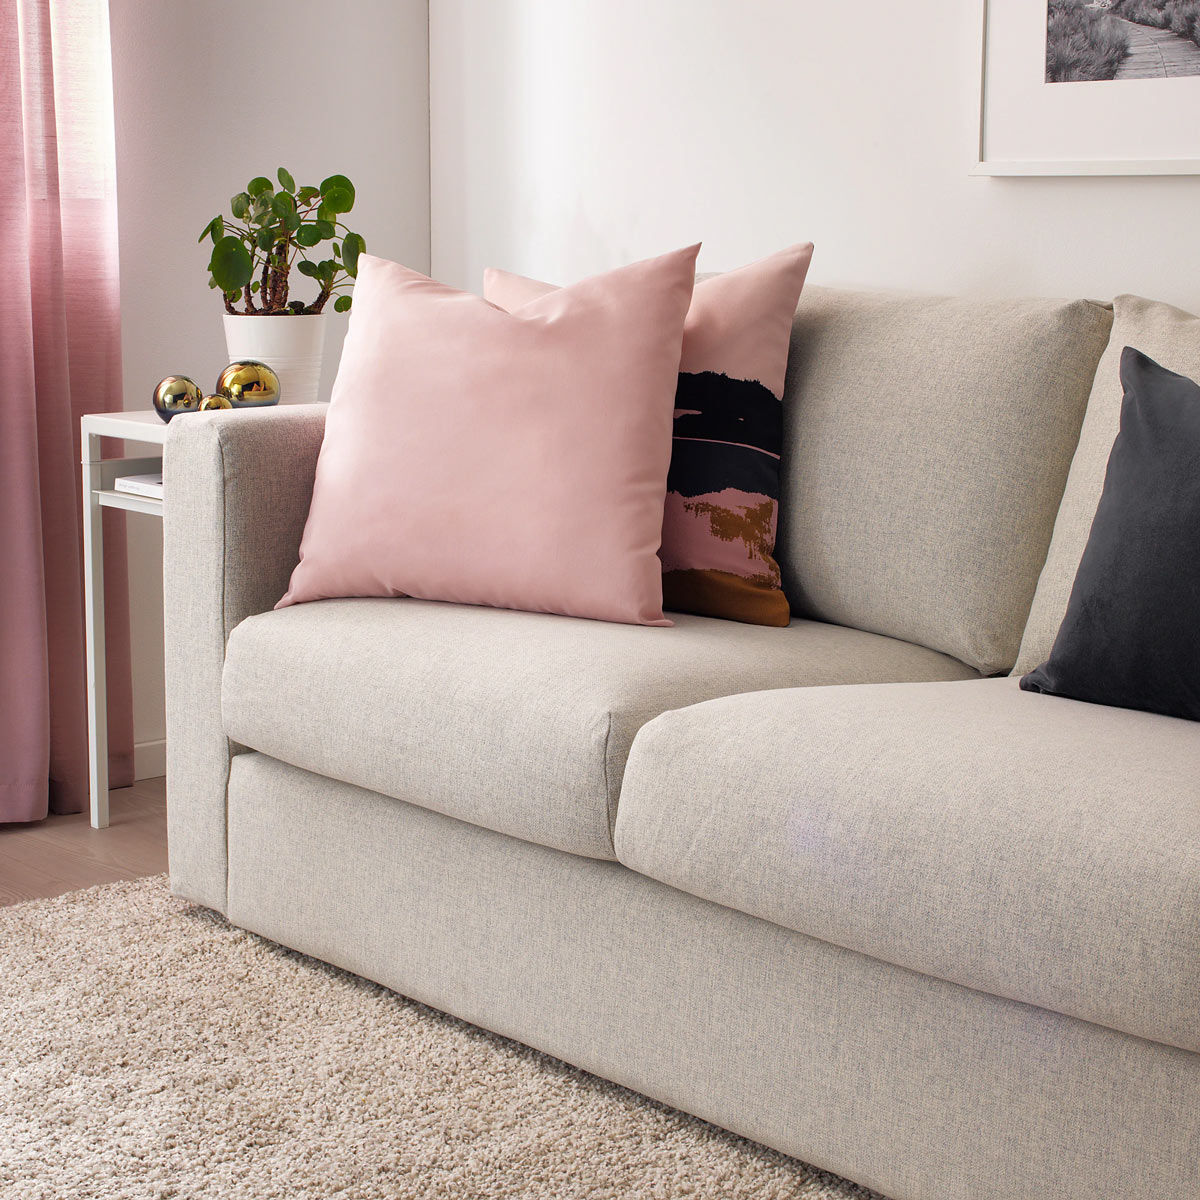 Cuscino rosa IKEa per il divano, modello ULLKAKTUS.